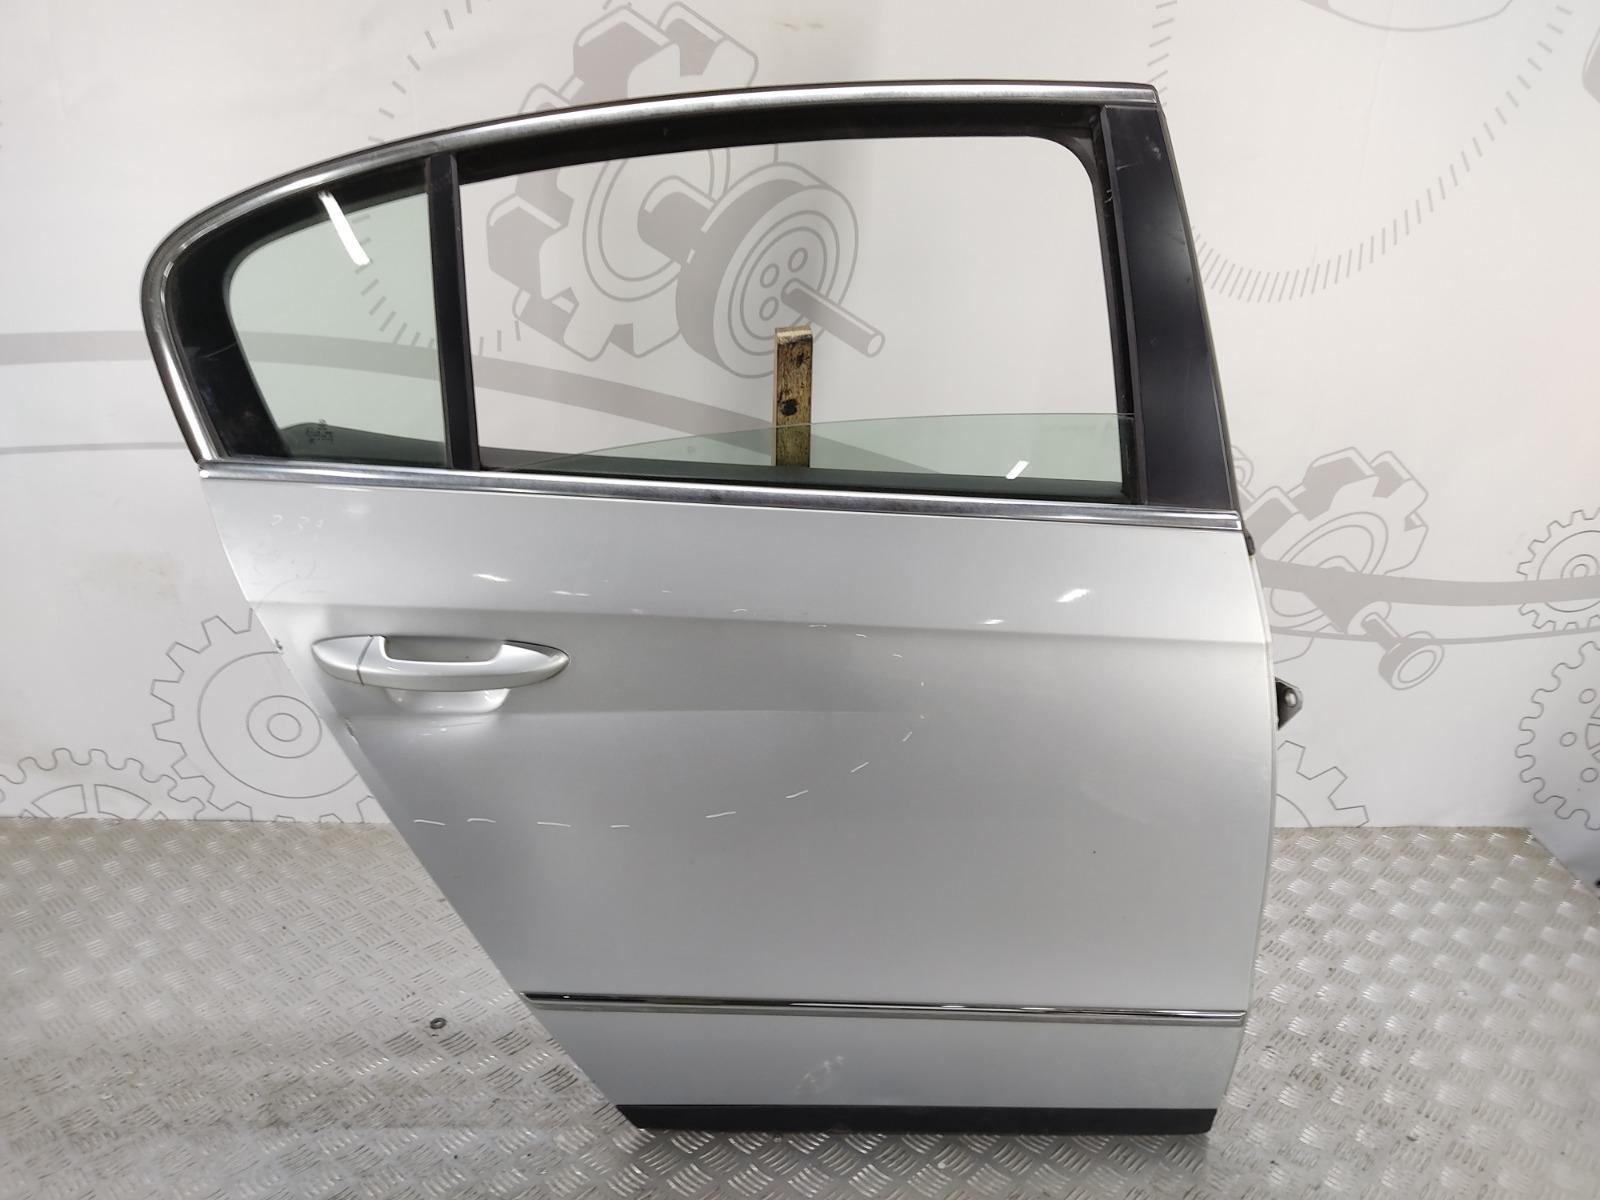 Дверь задняя правая Volkswagen Passat B6 2.0 TDI 2005 (б/у)